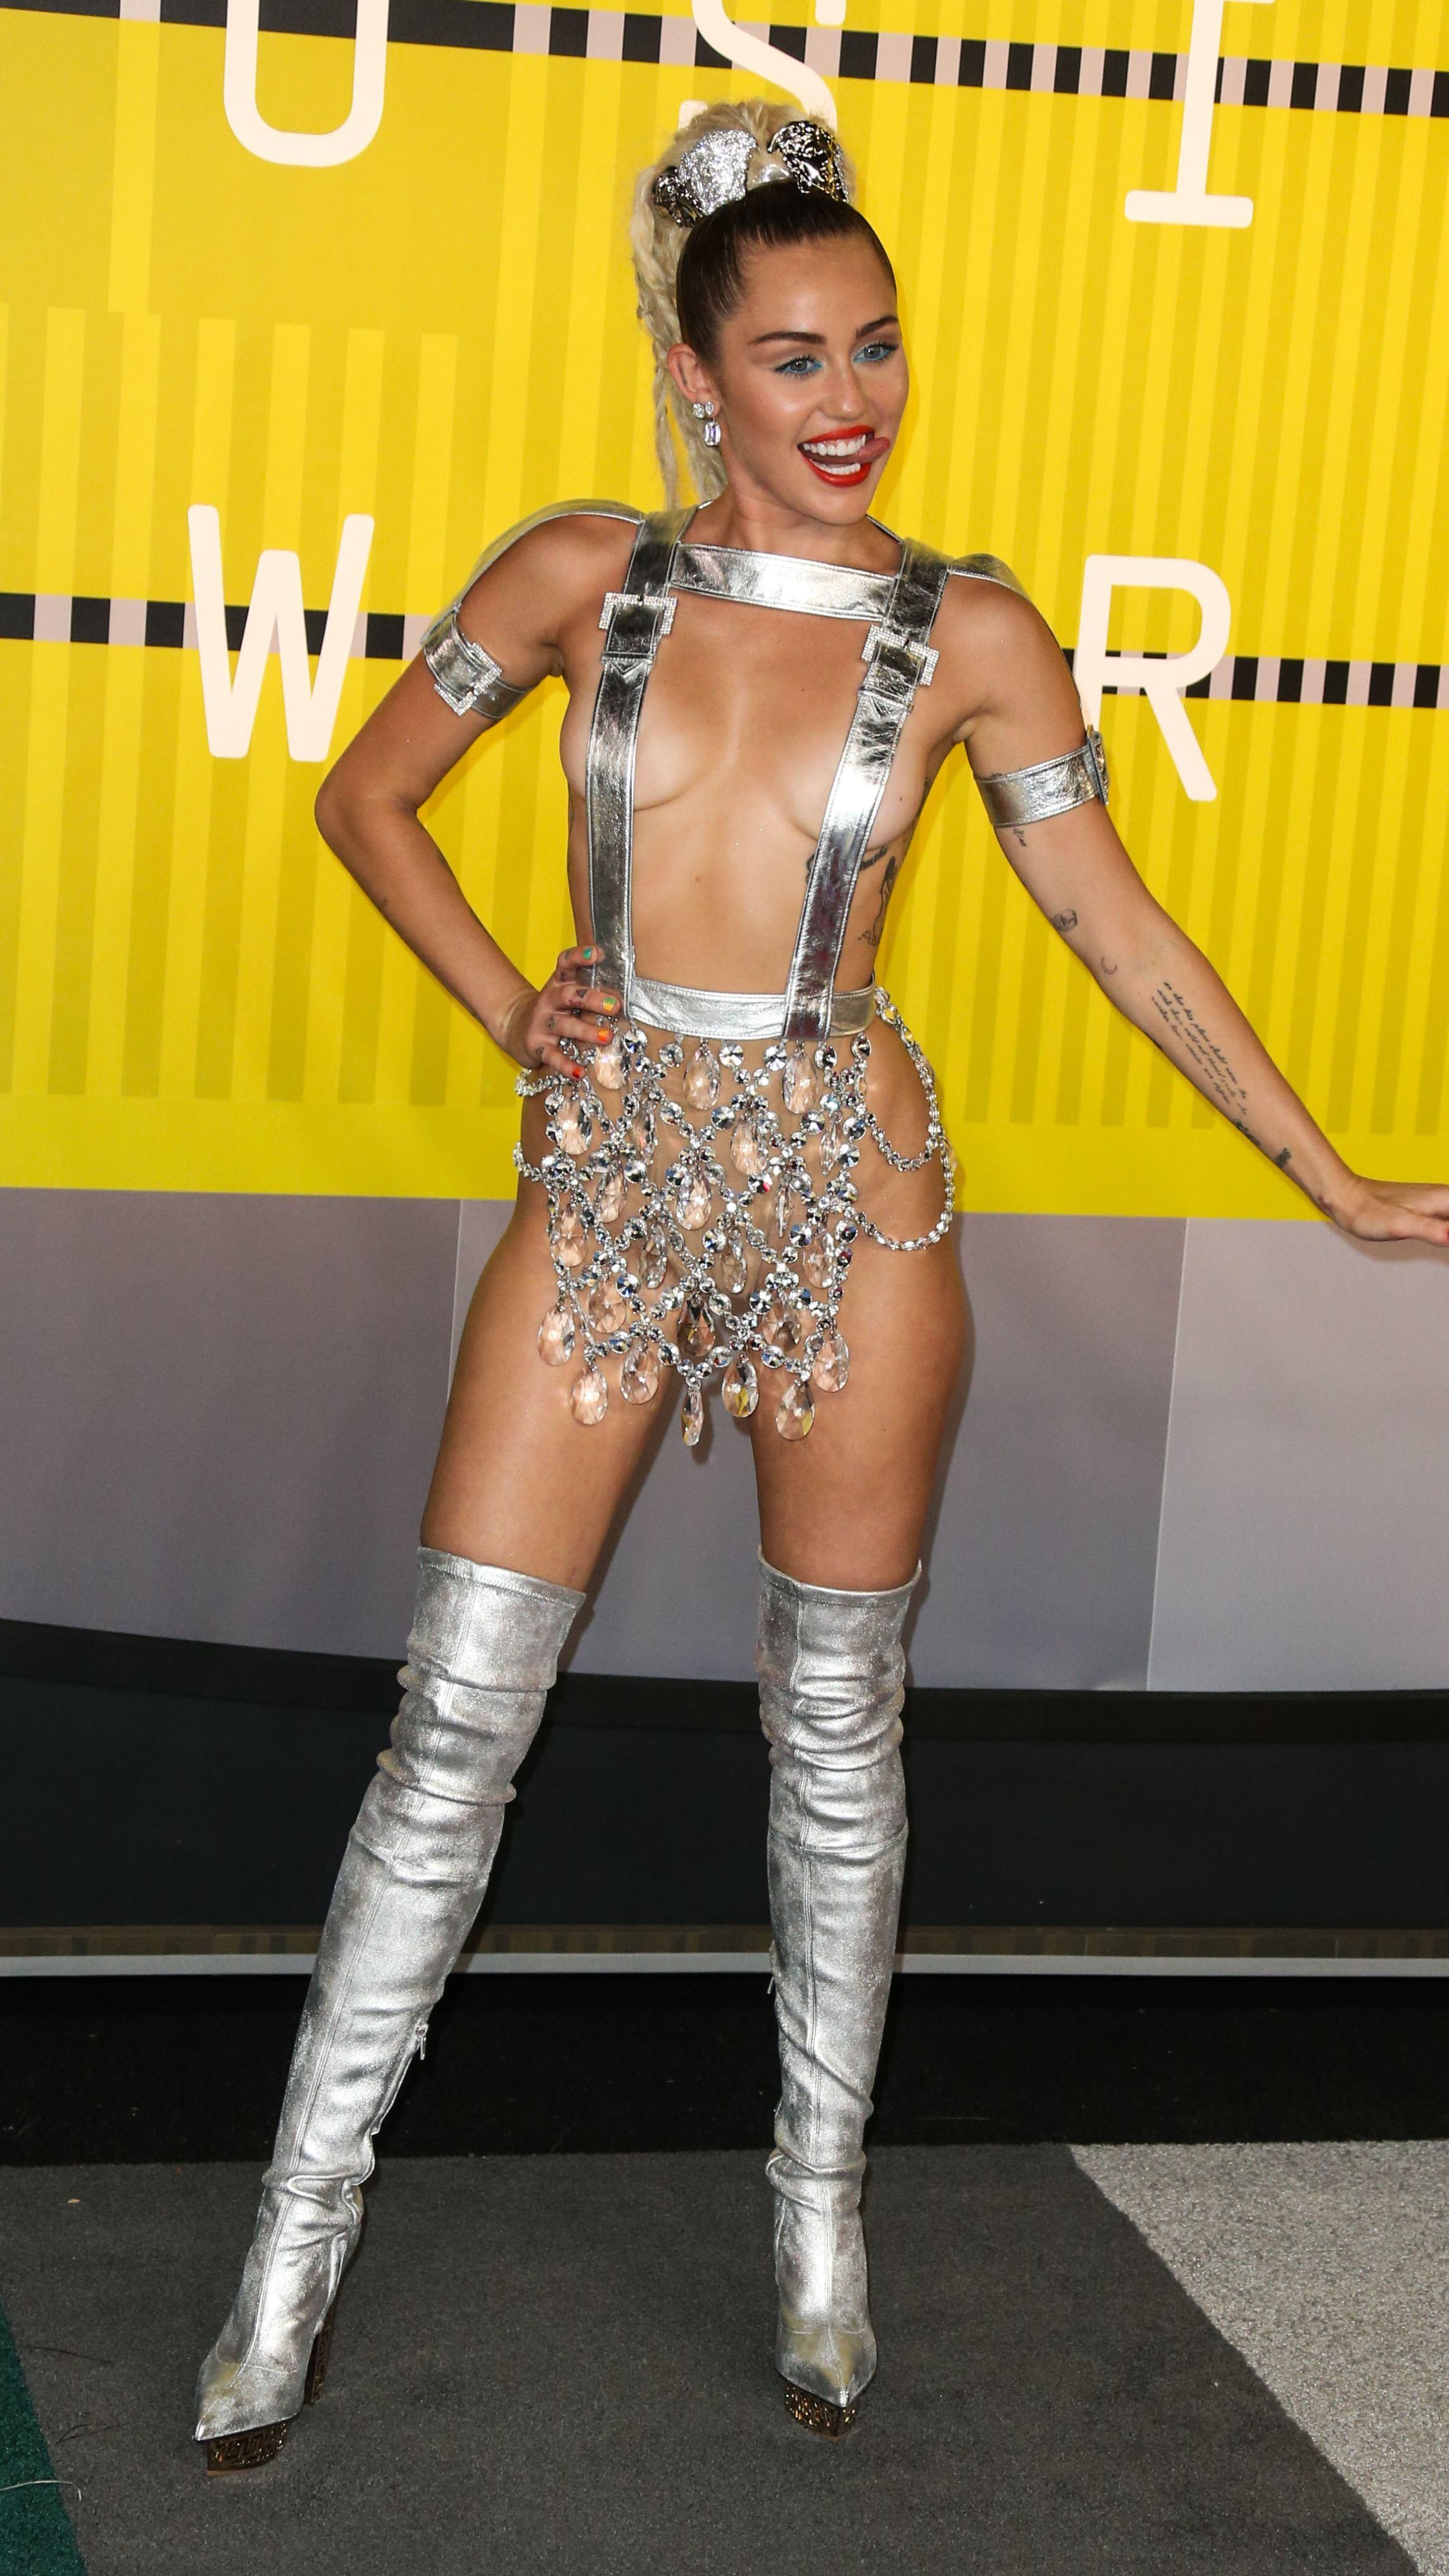 Miley cirus half naked pics